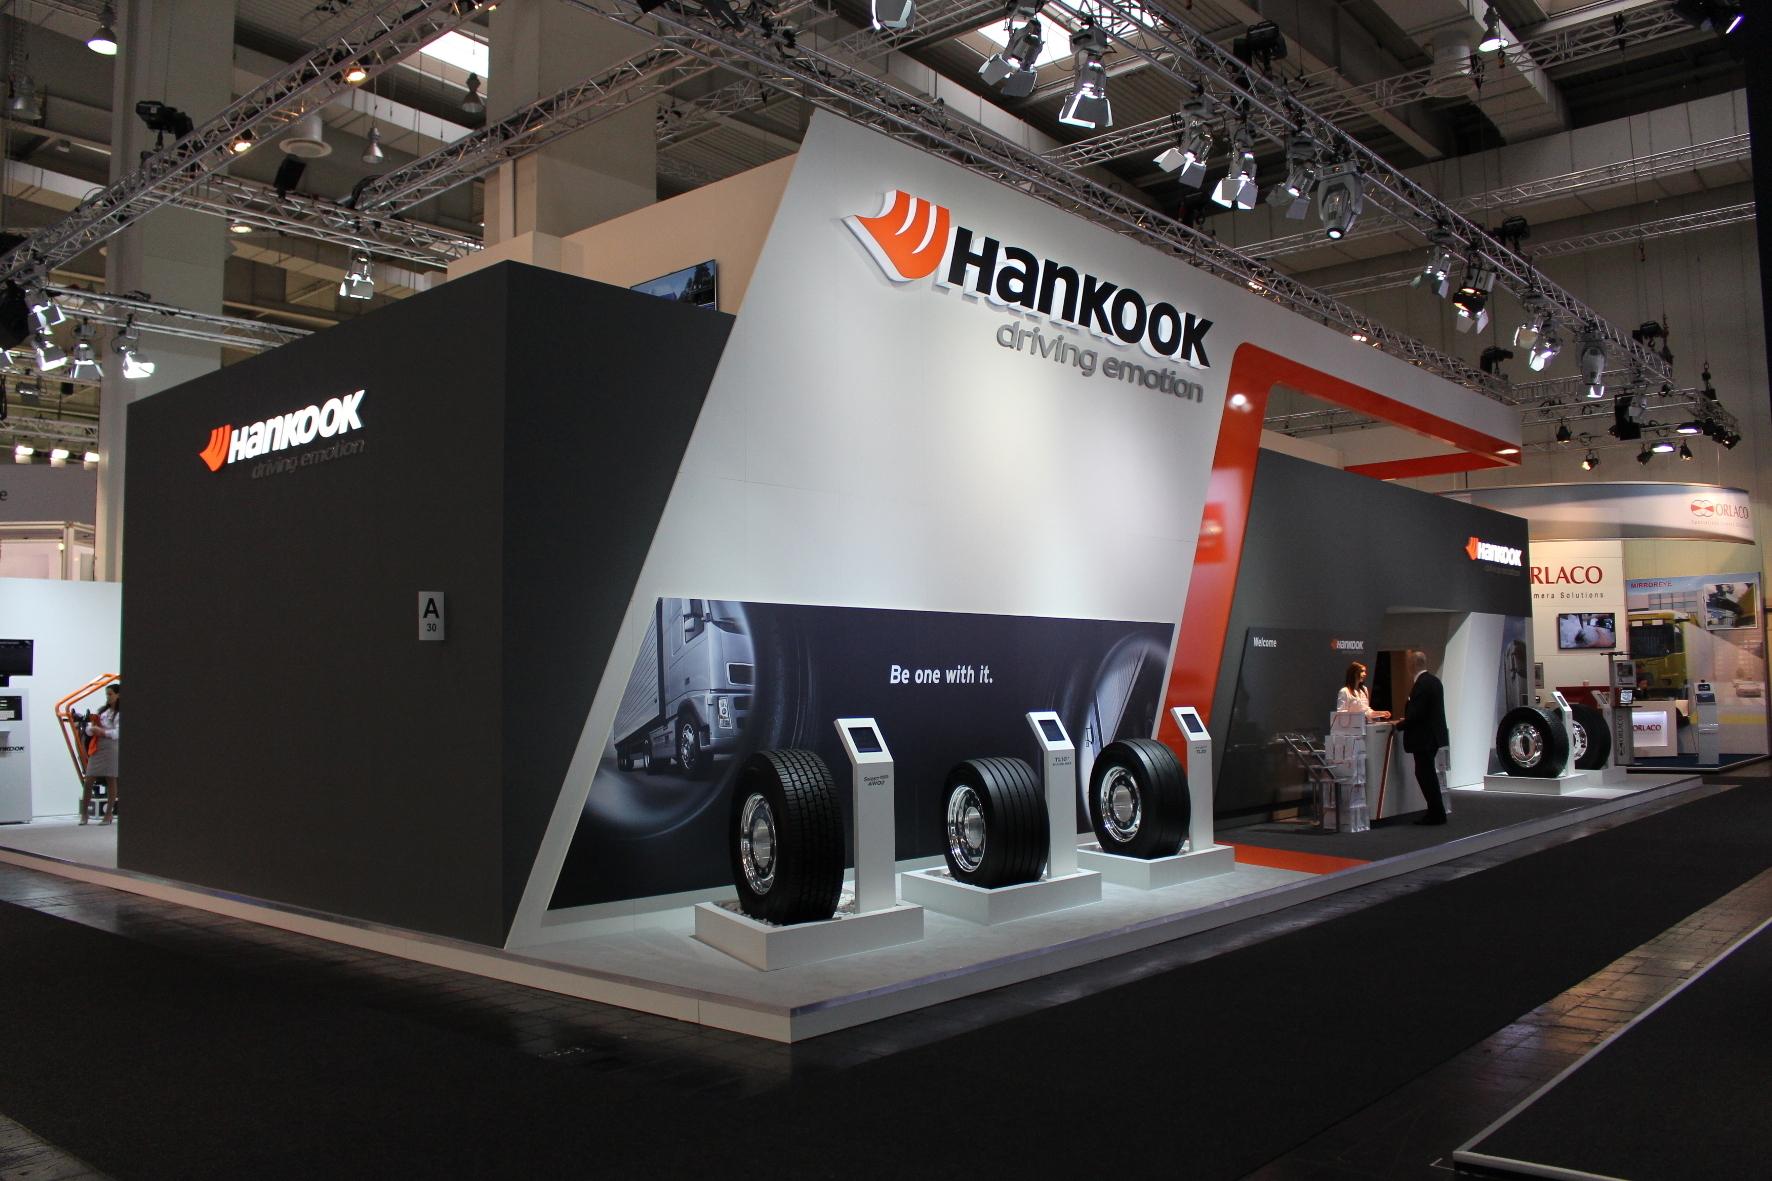 mid Groß-Gerau - Bei Hankook dreht sich alles um Reifen: Der Hersteller präsentiert jetzt auf der IAA Nutzfahrzeuge in Hannover erstmals Reifen speziell für Fernbusse.